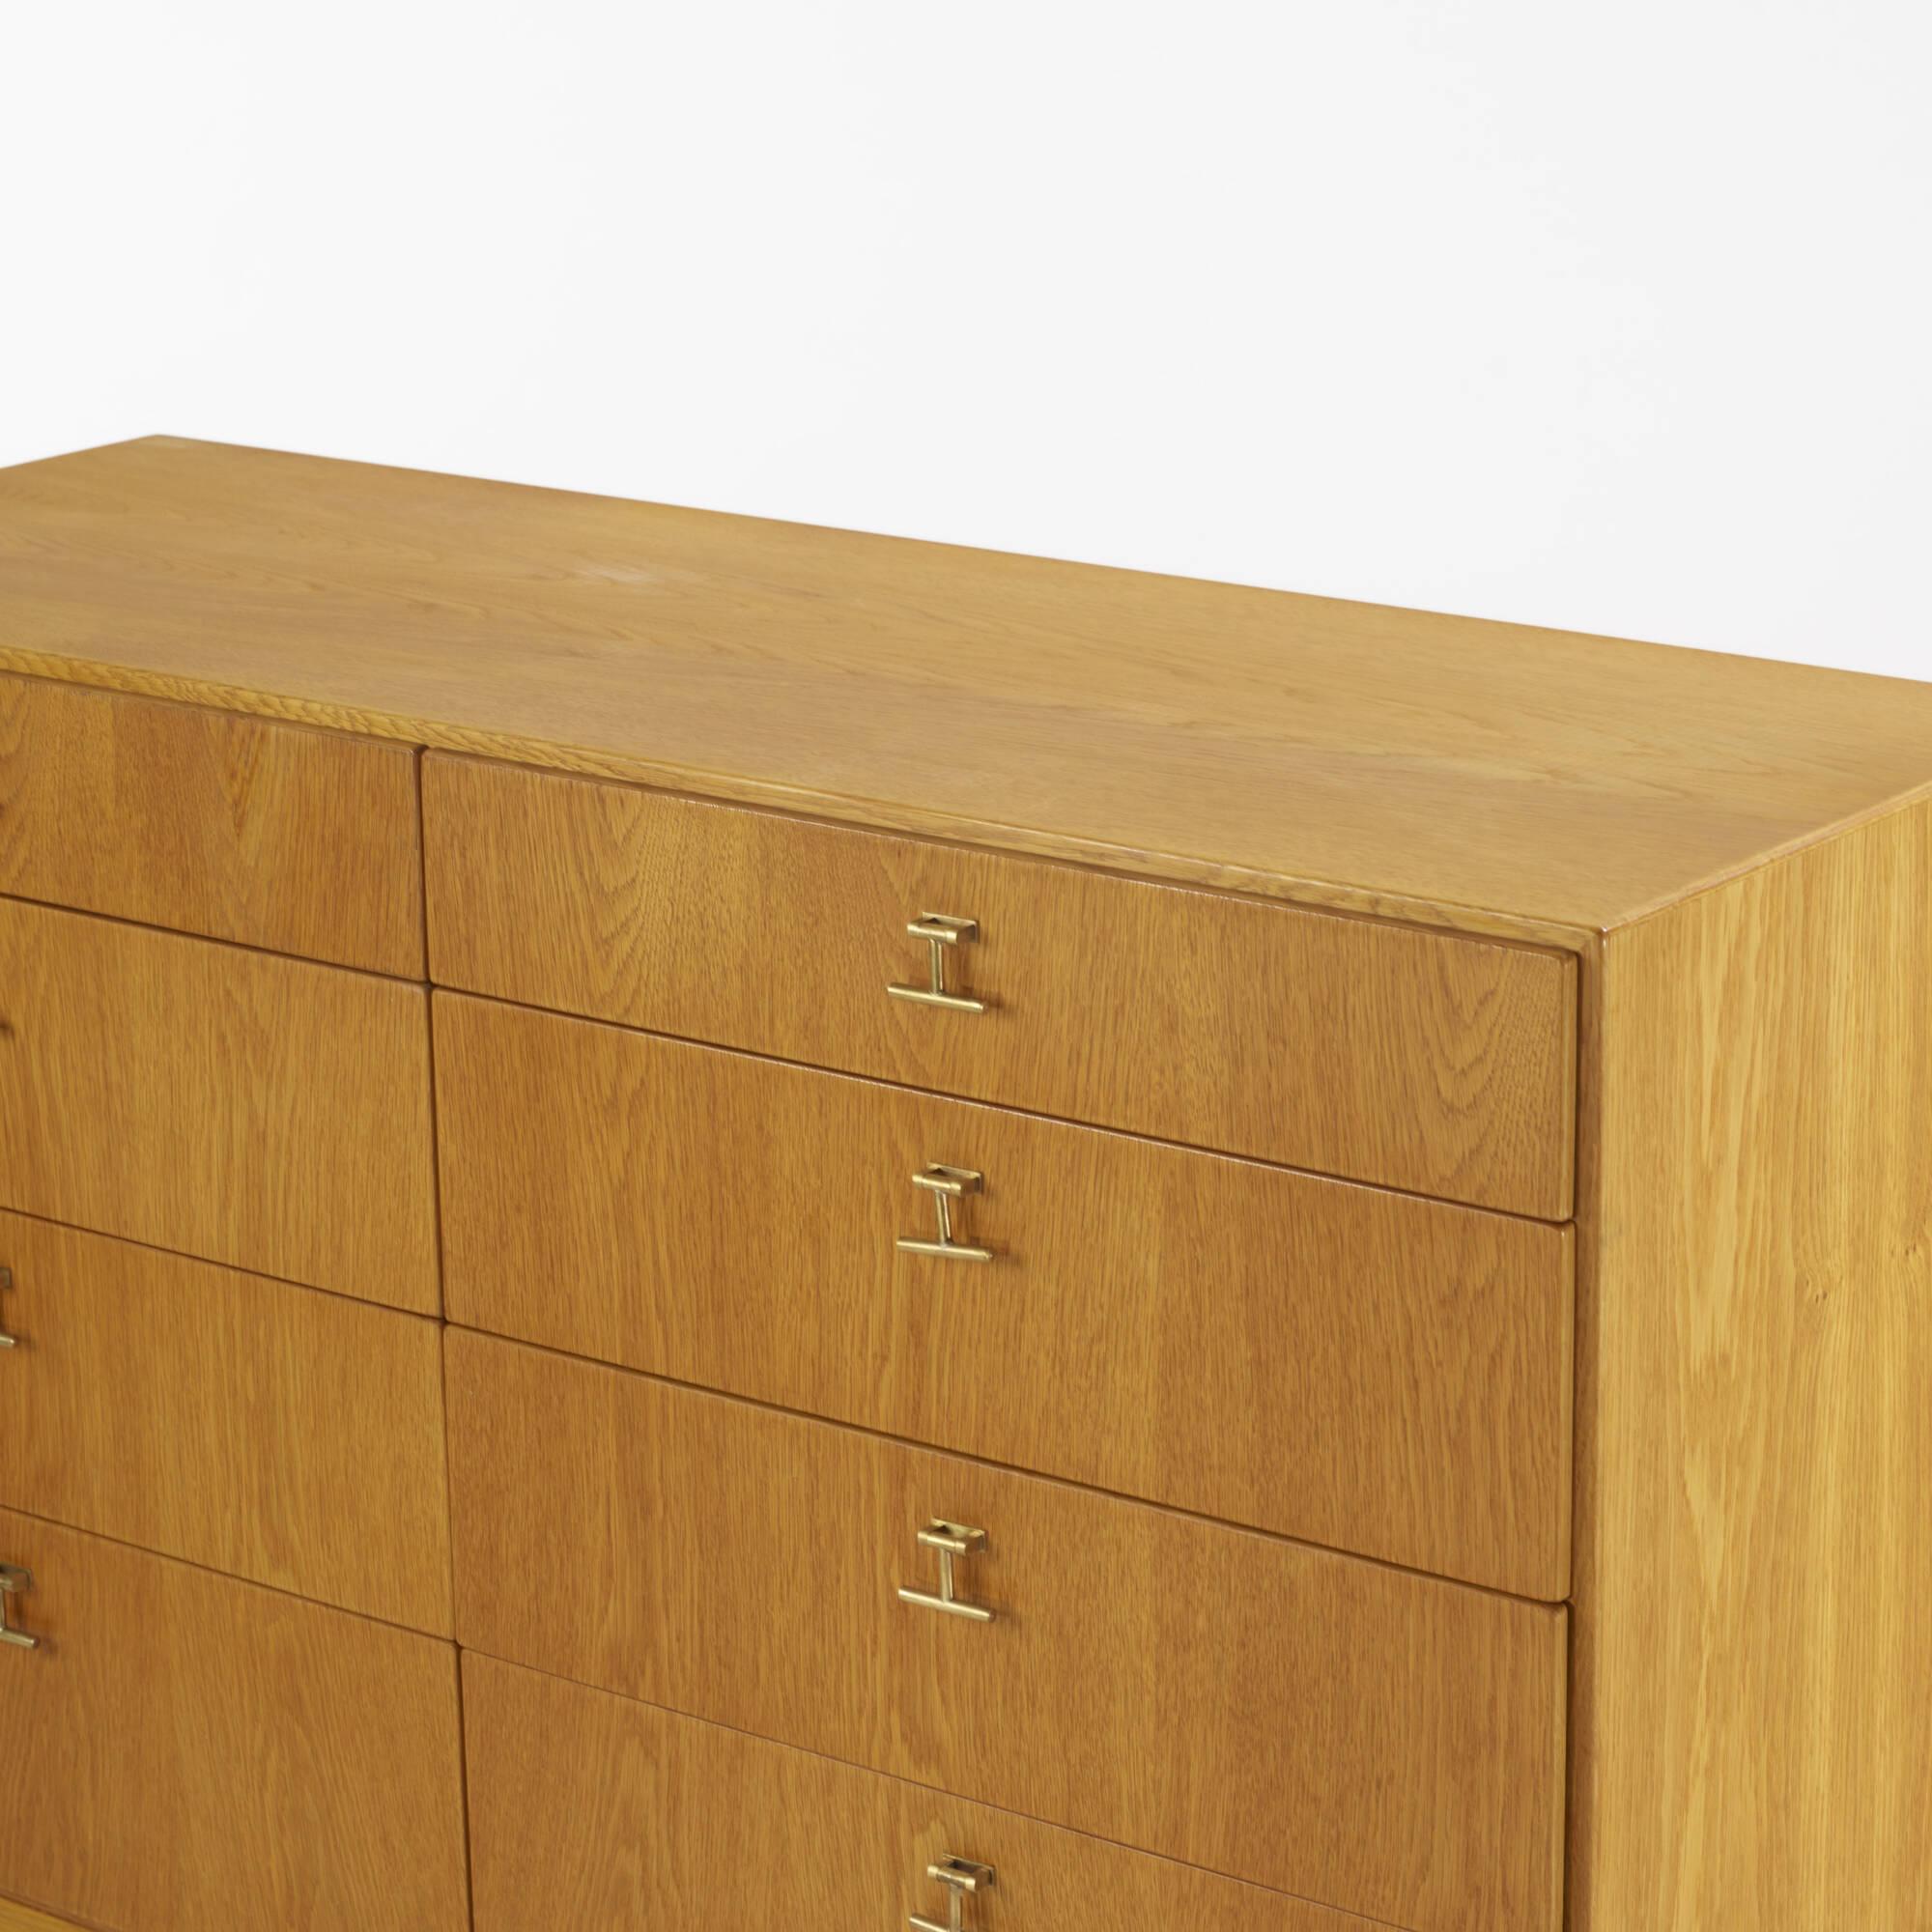 252: Børge Mogensen / cabinets, pair (3 of 4)